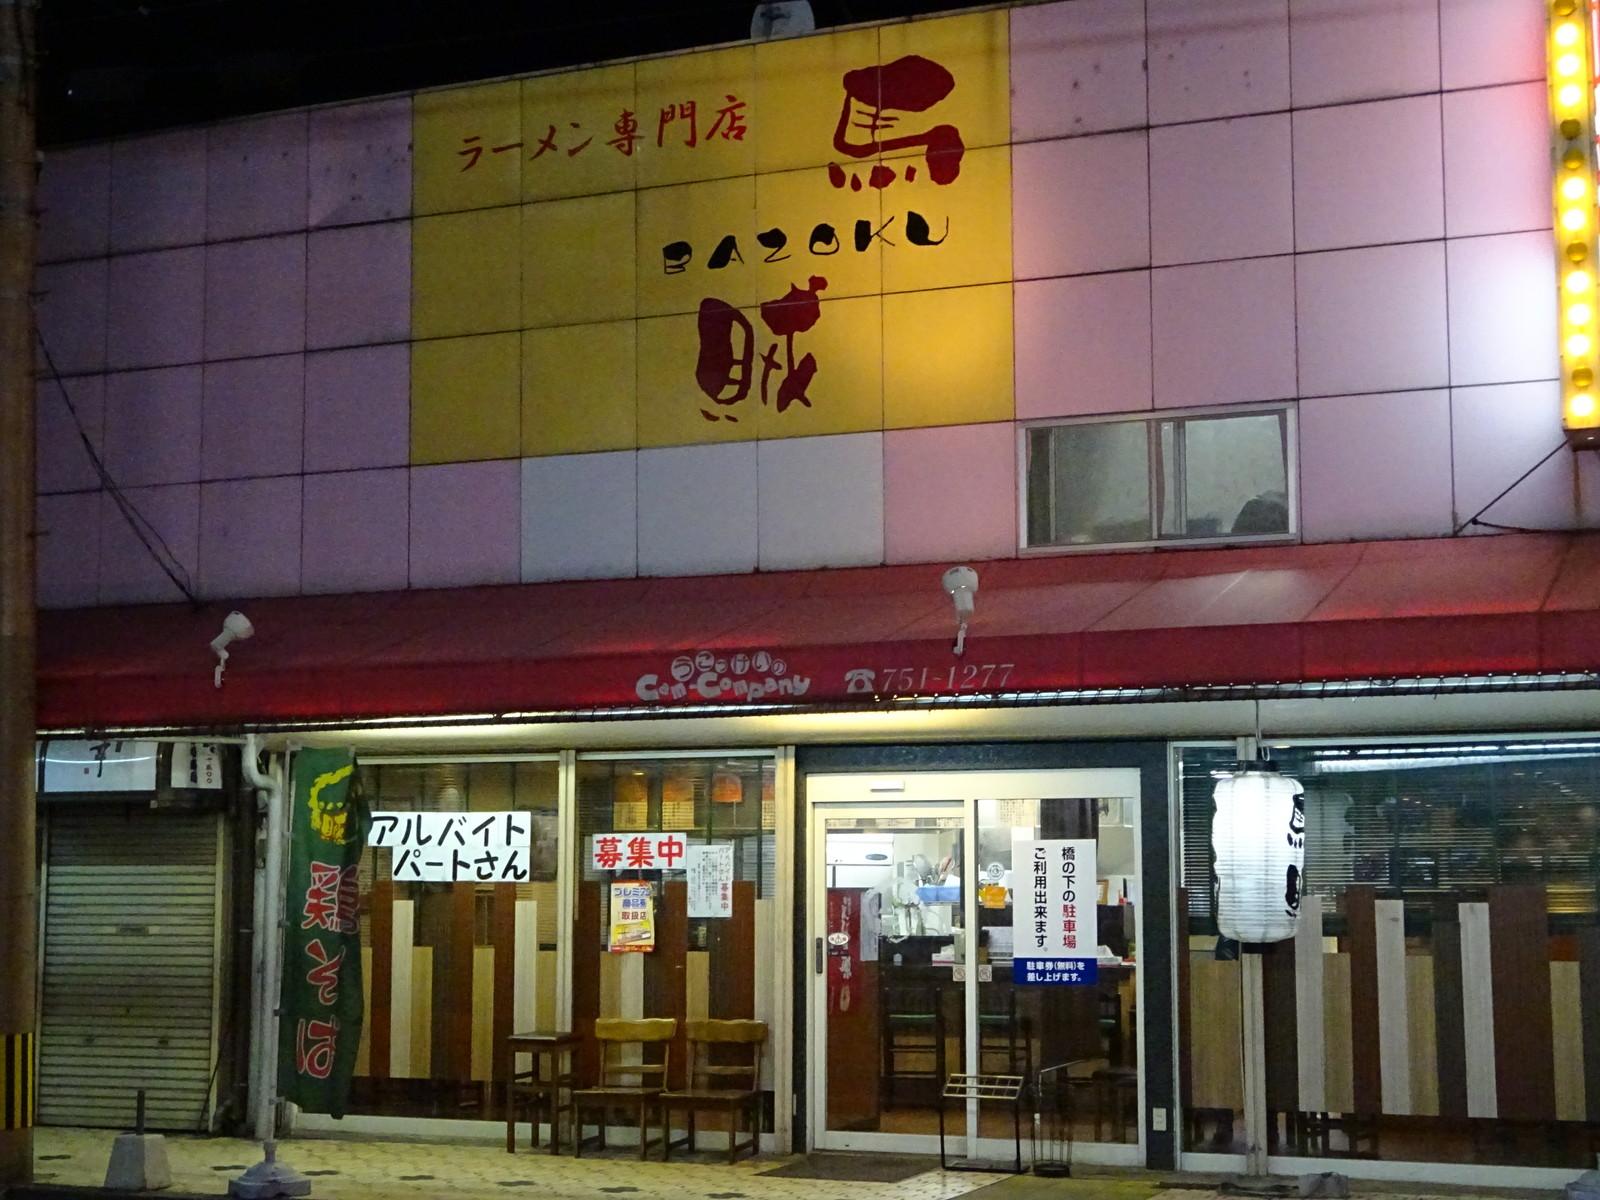 ラーメン専門店 馬賊(北九州市若松区)